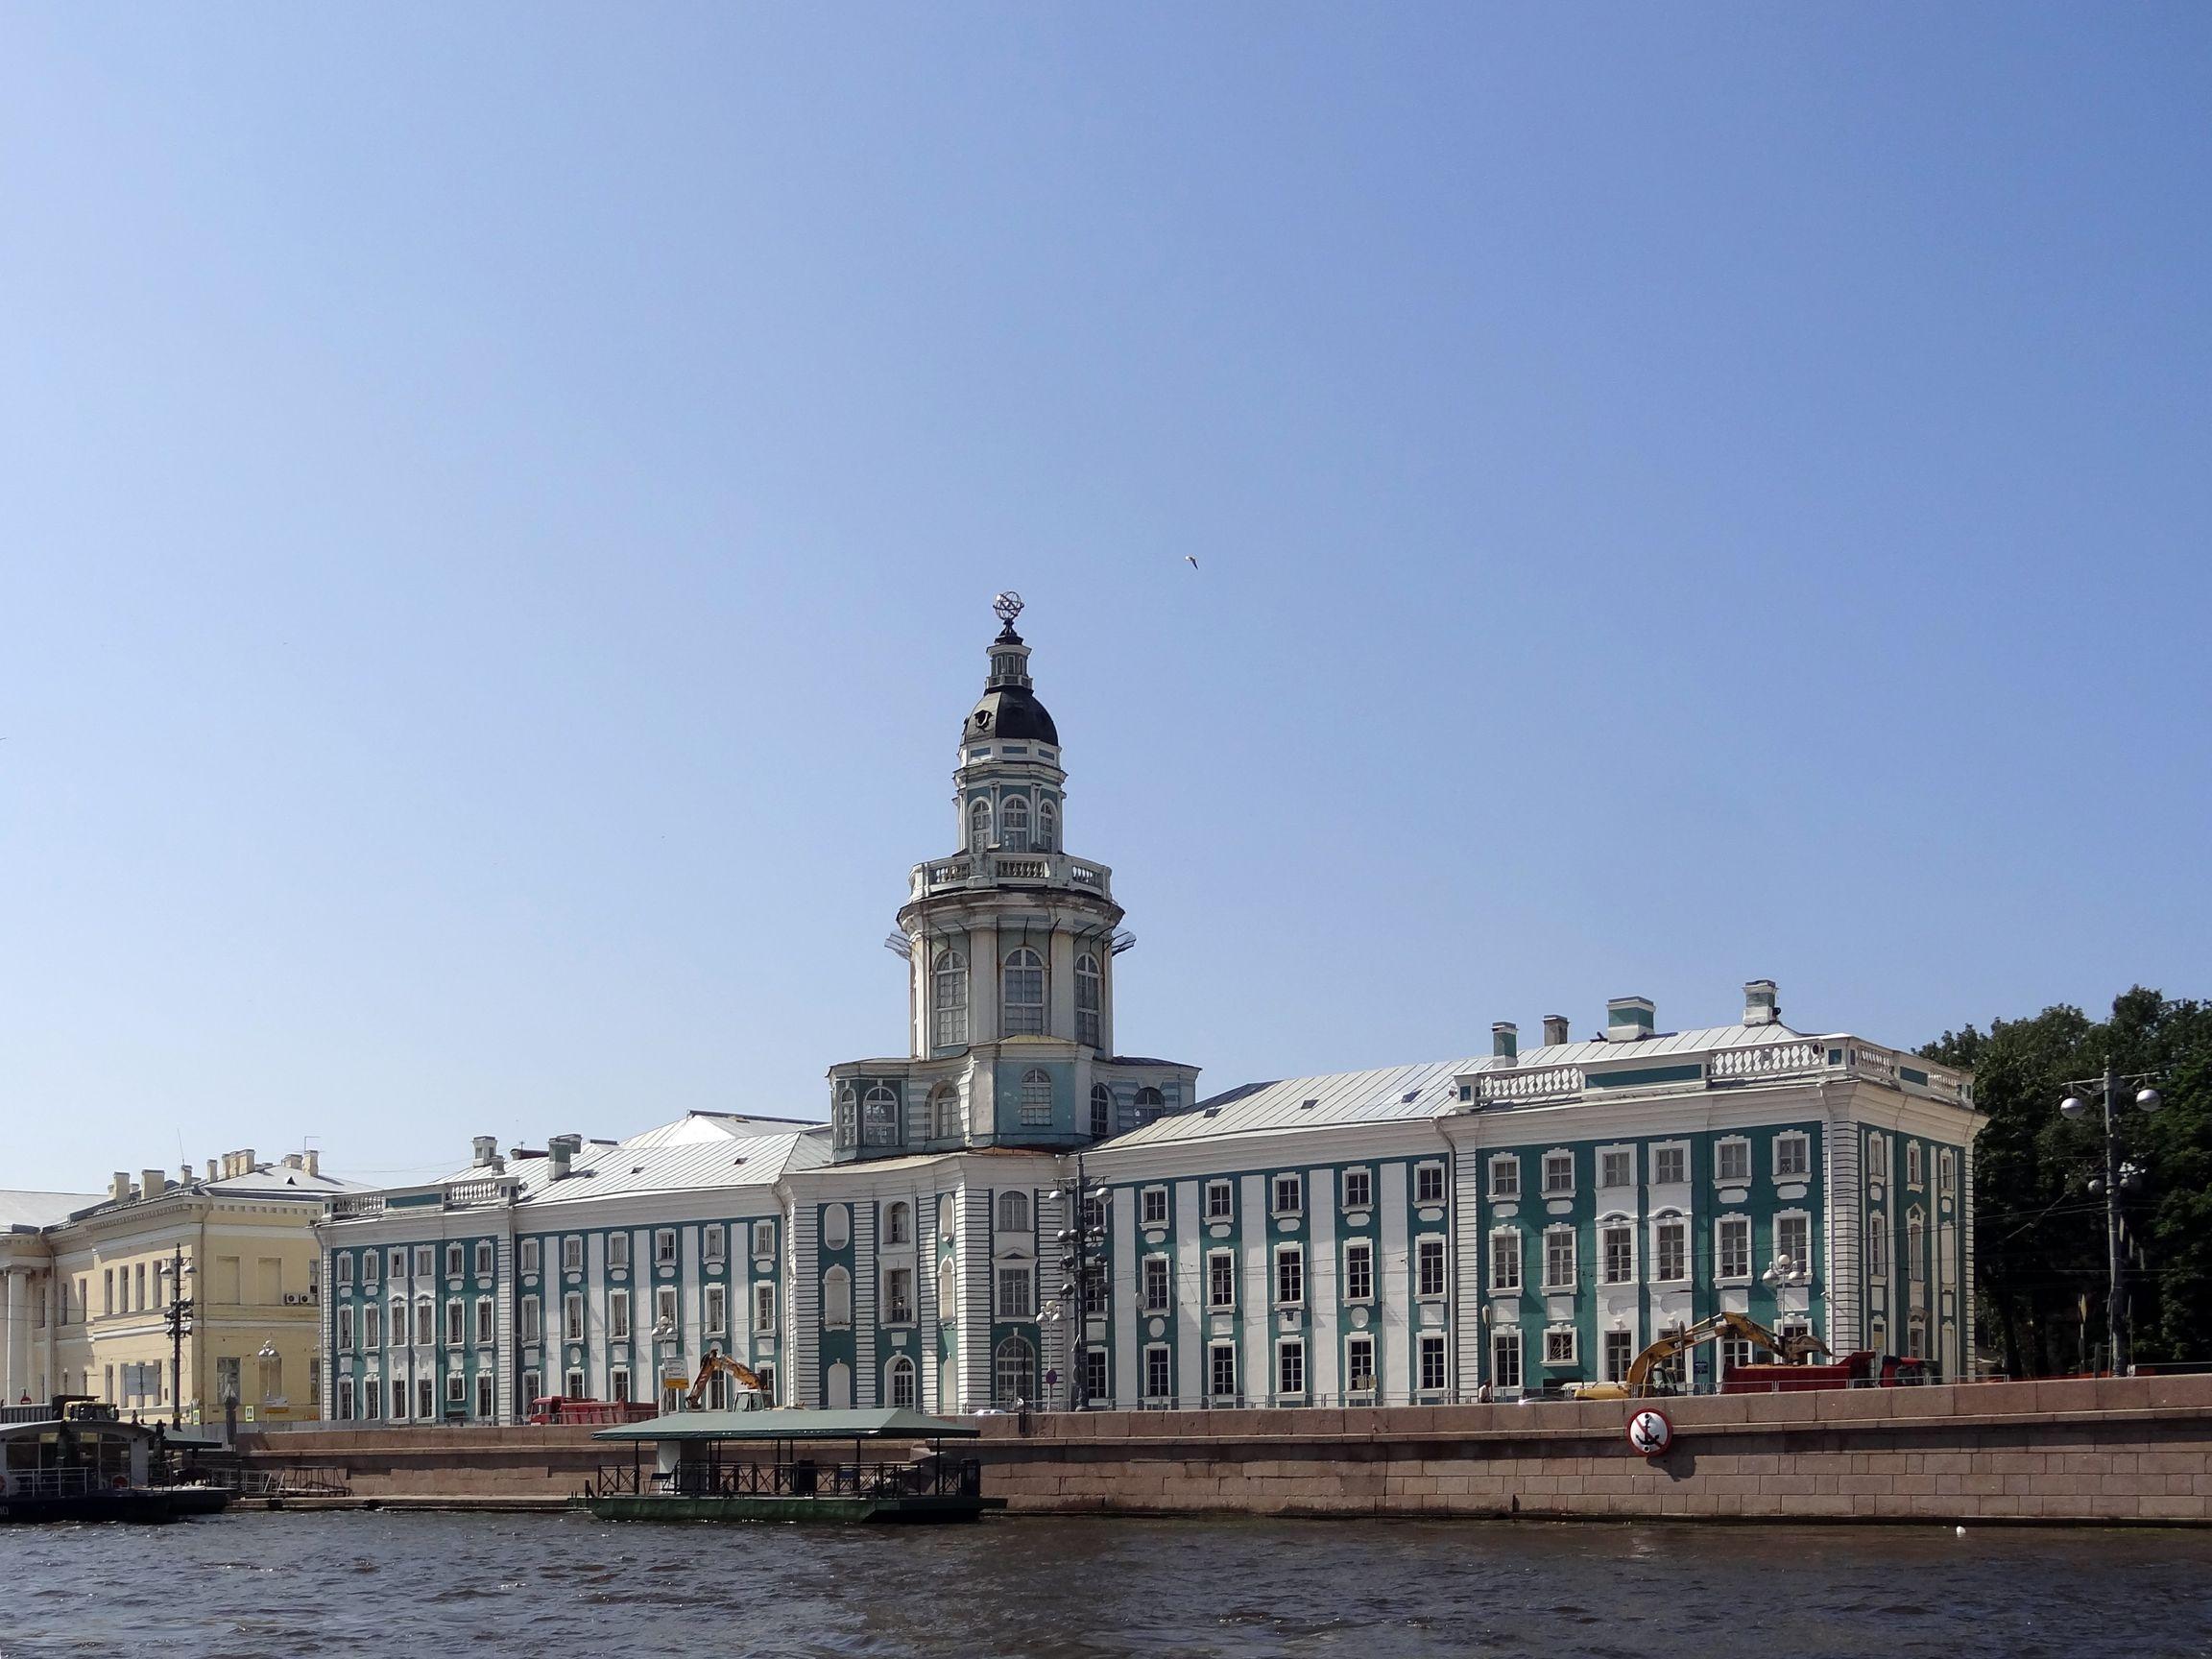 Kunstkammer, das älteste Museum von St. Petersburg